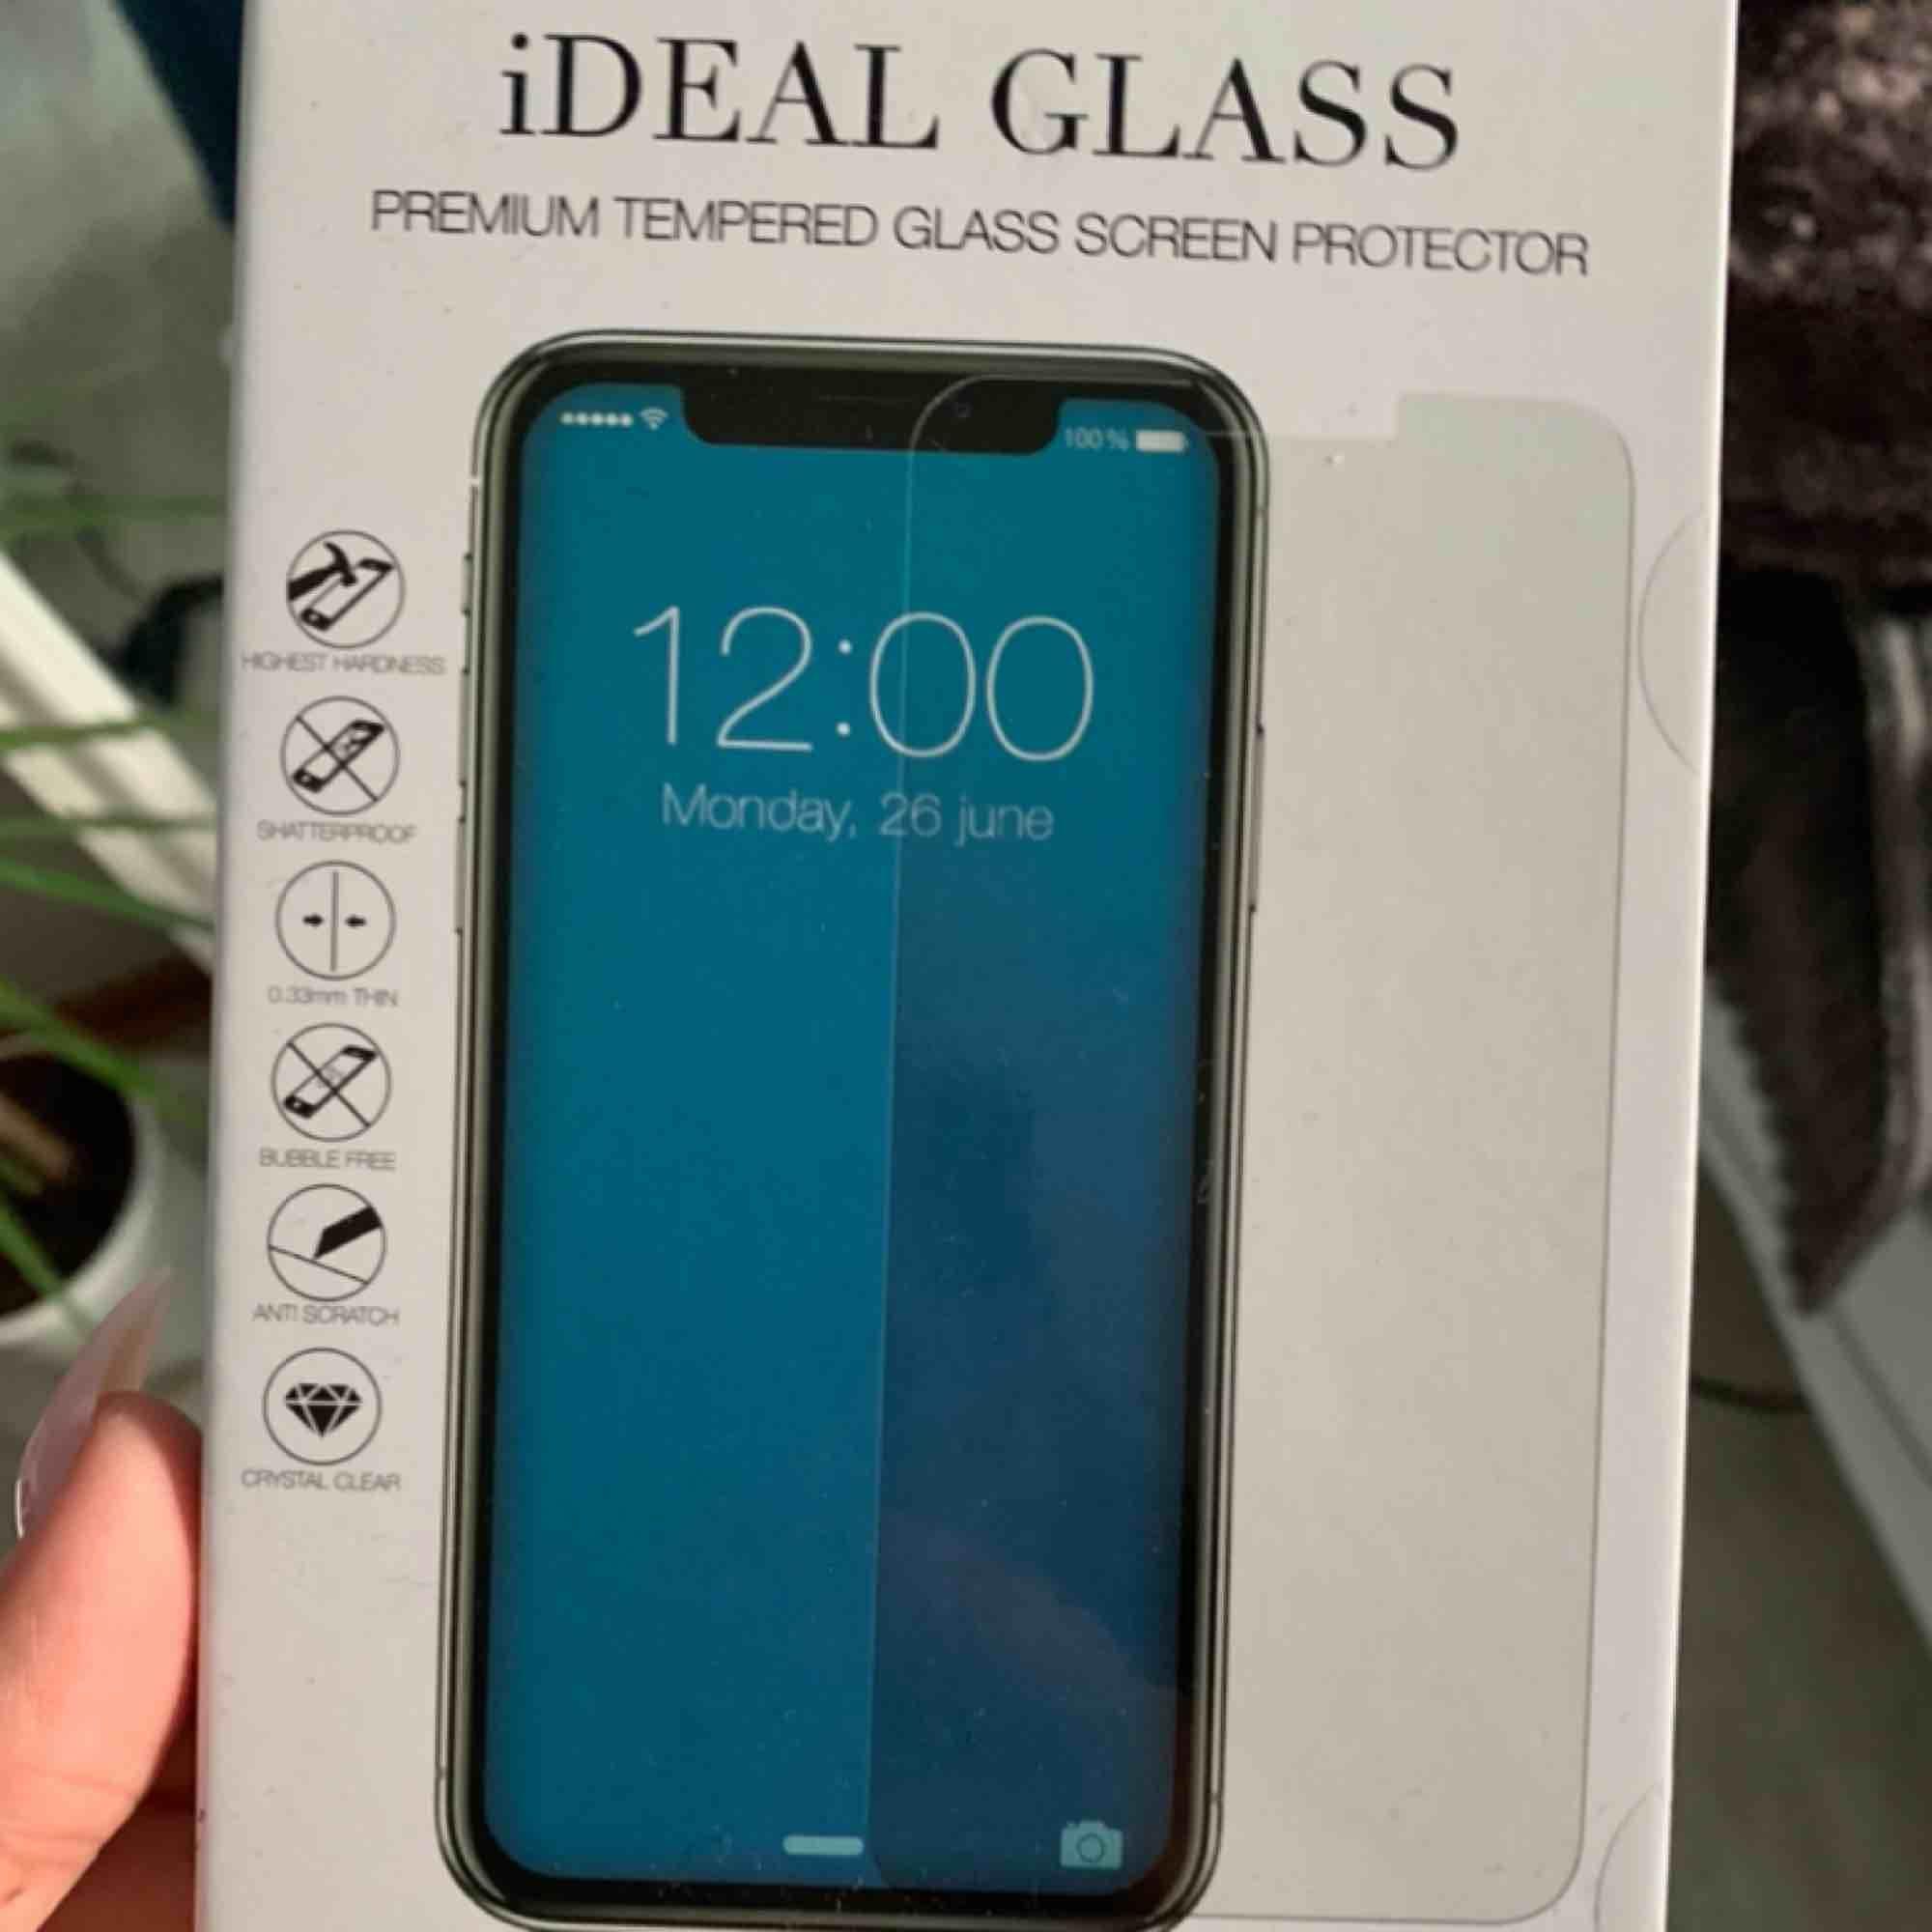 Härdat Skärmskydd som jag själv använder till min mobil, mycket bra kvalité och sitter bra, köpte till fel mobil då jag har xr. Övrigt.